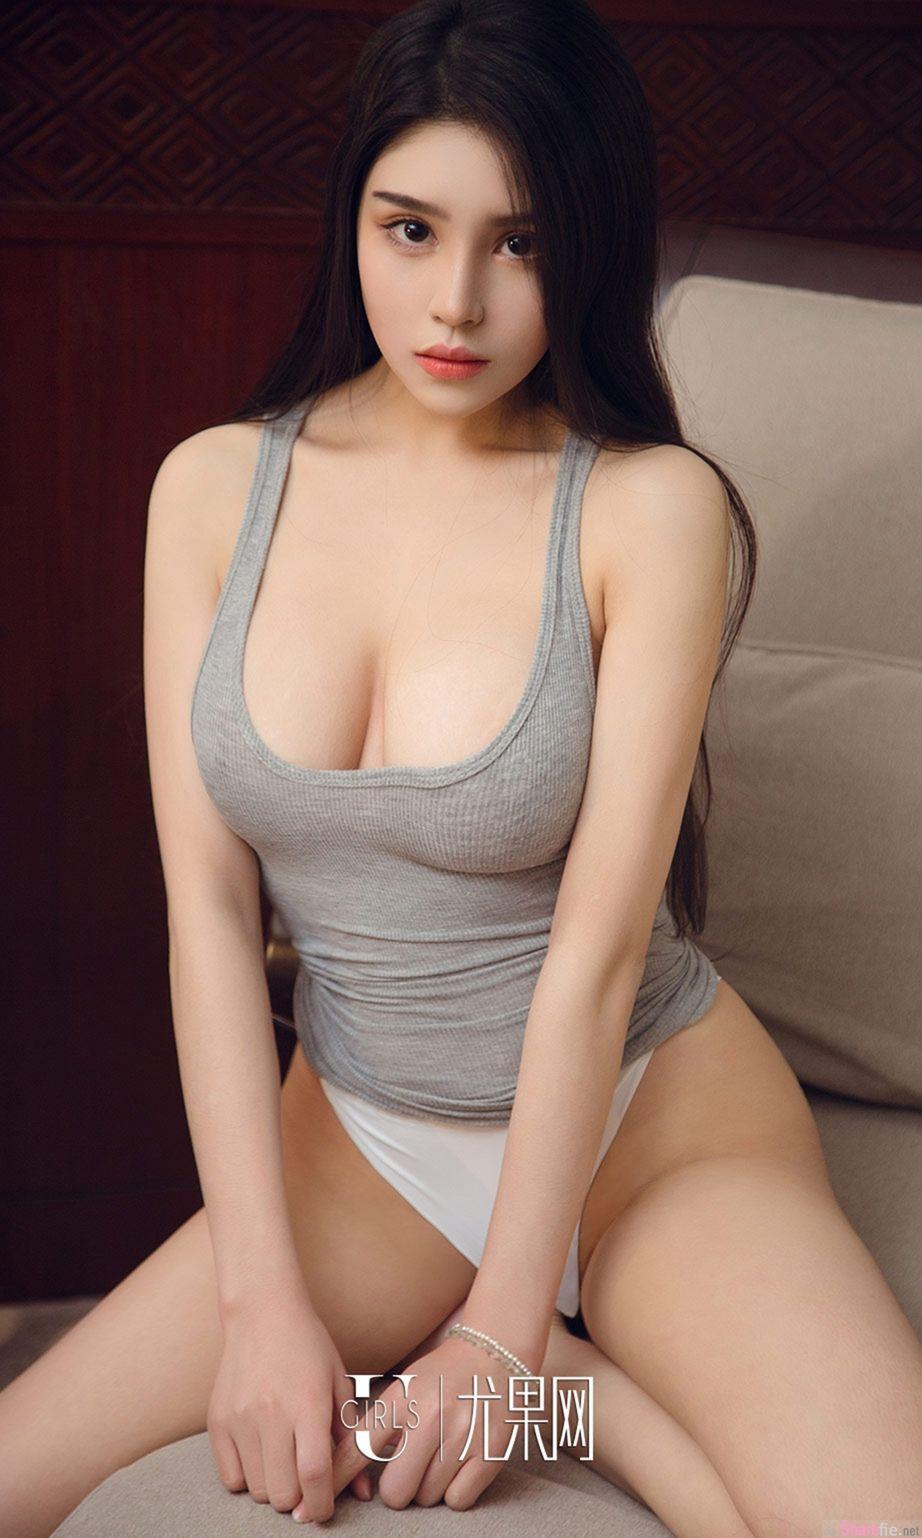 火辣写真正妹裴依雅,完美身材